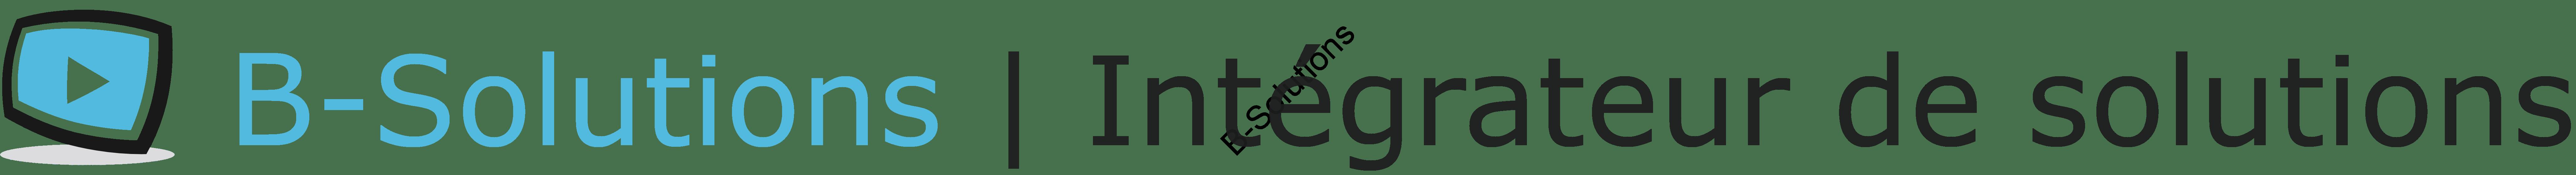 B-Solutions | Intégrateur de solutions à affichage dynamique